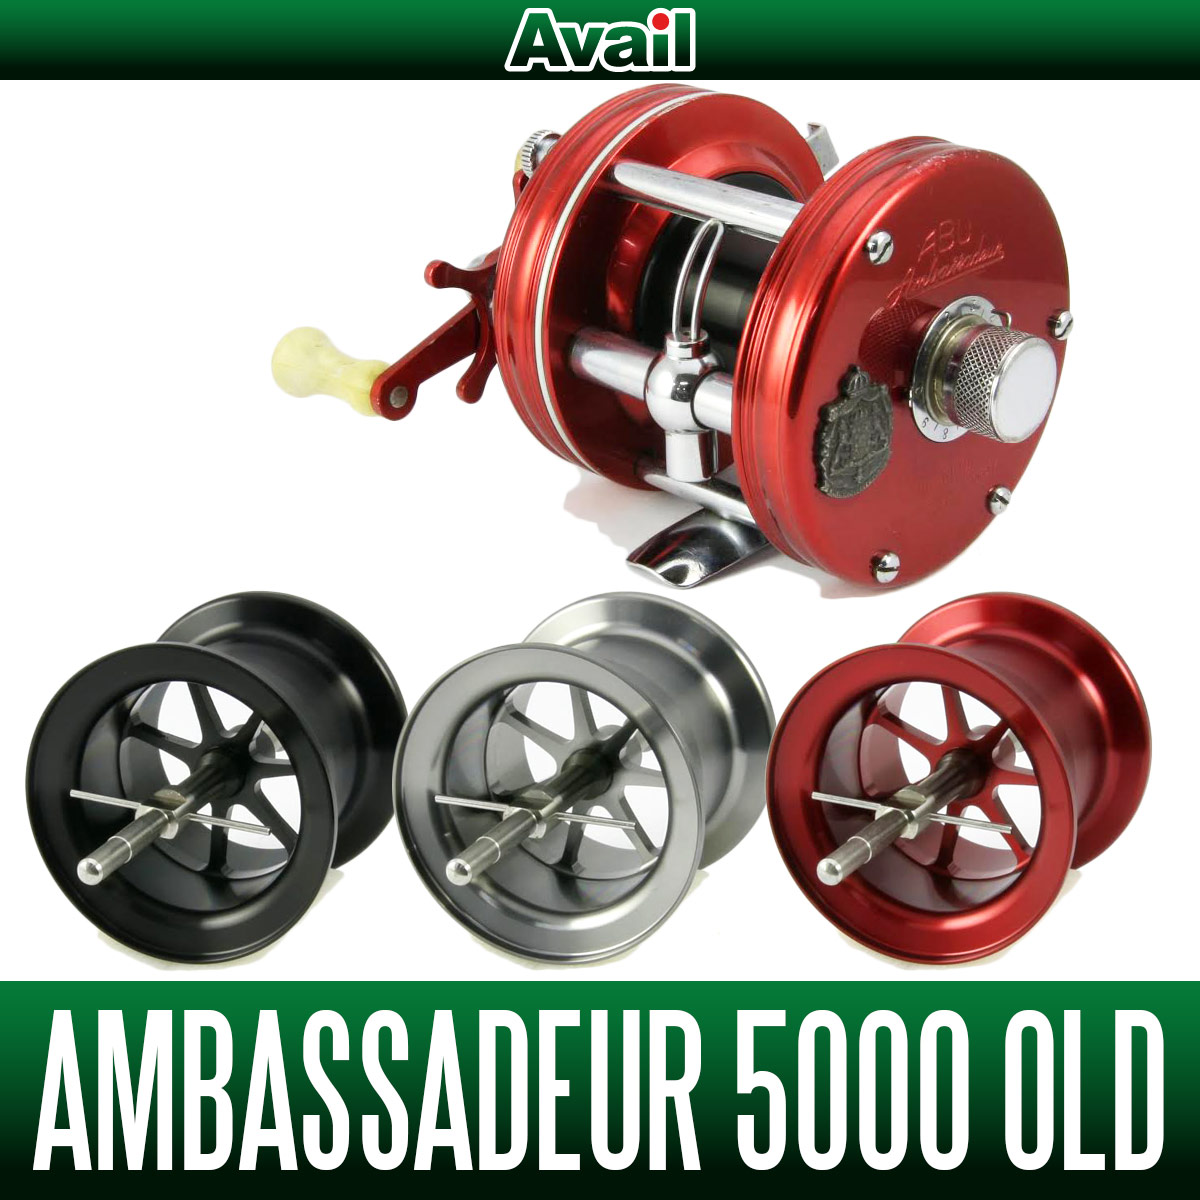 ABU 5000 OLD用 軽量浅溝スプール【AMB5050R】Avail Microcast Spool 【スプール5mm:ブロンズブッシングモデル用】